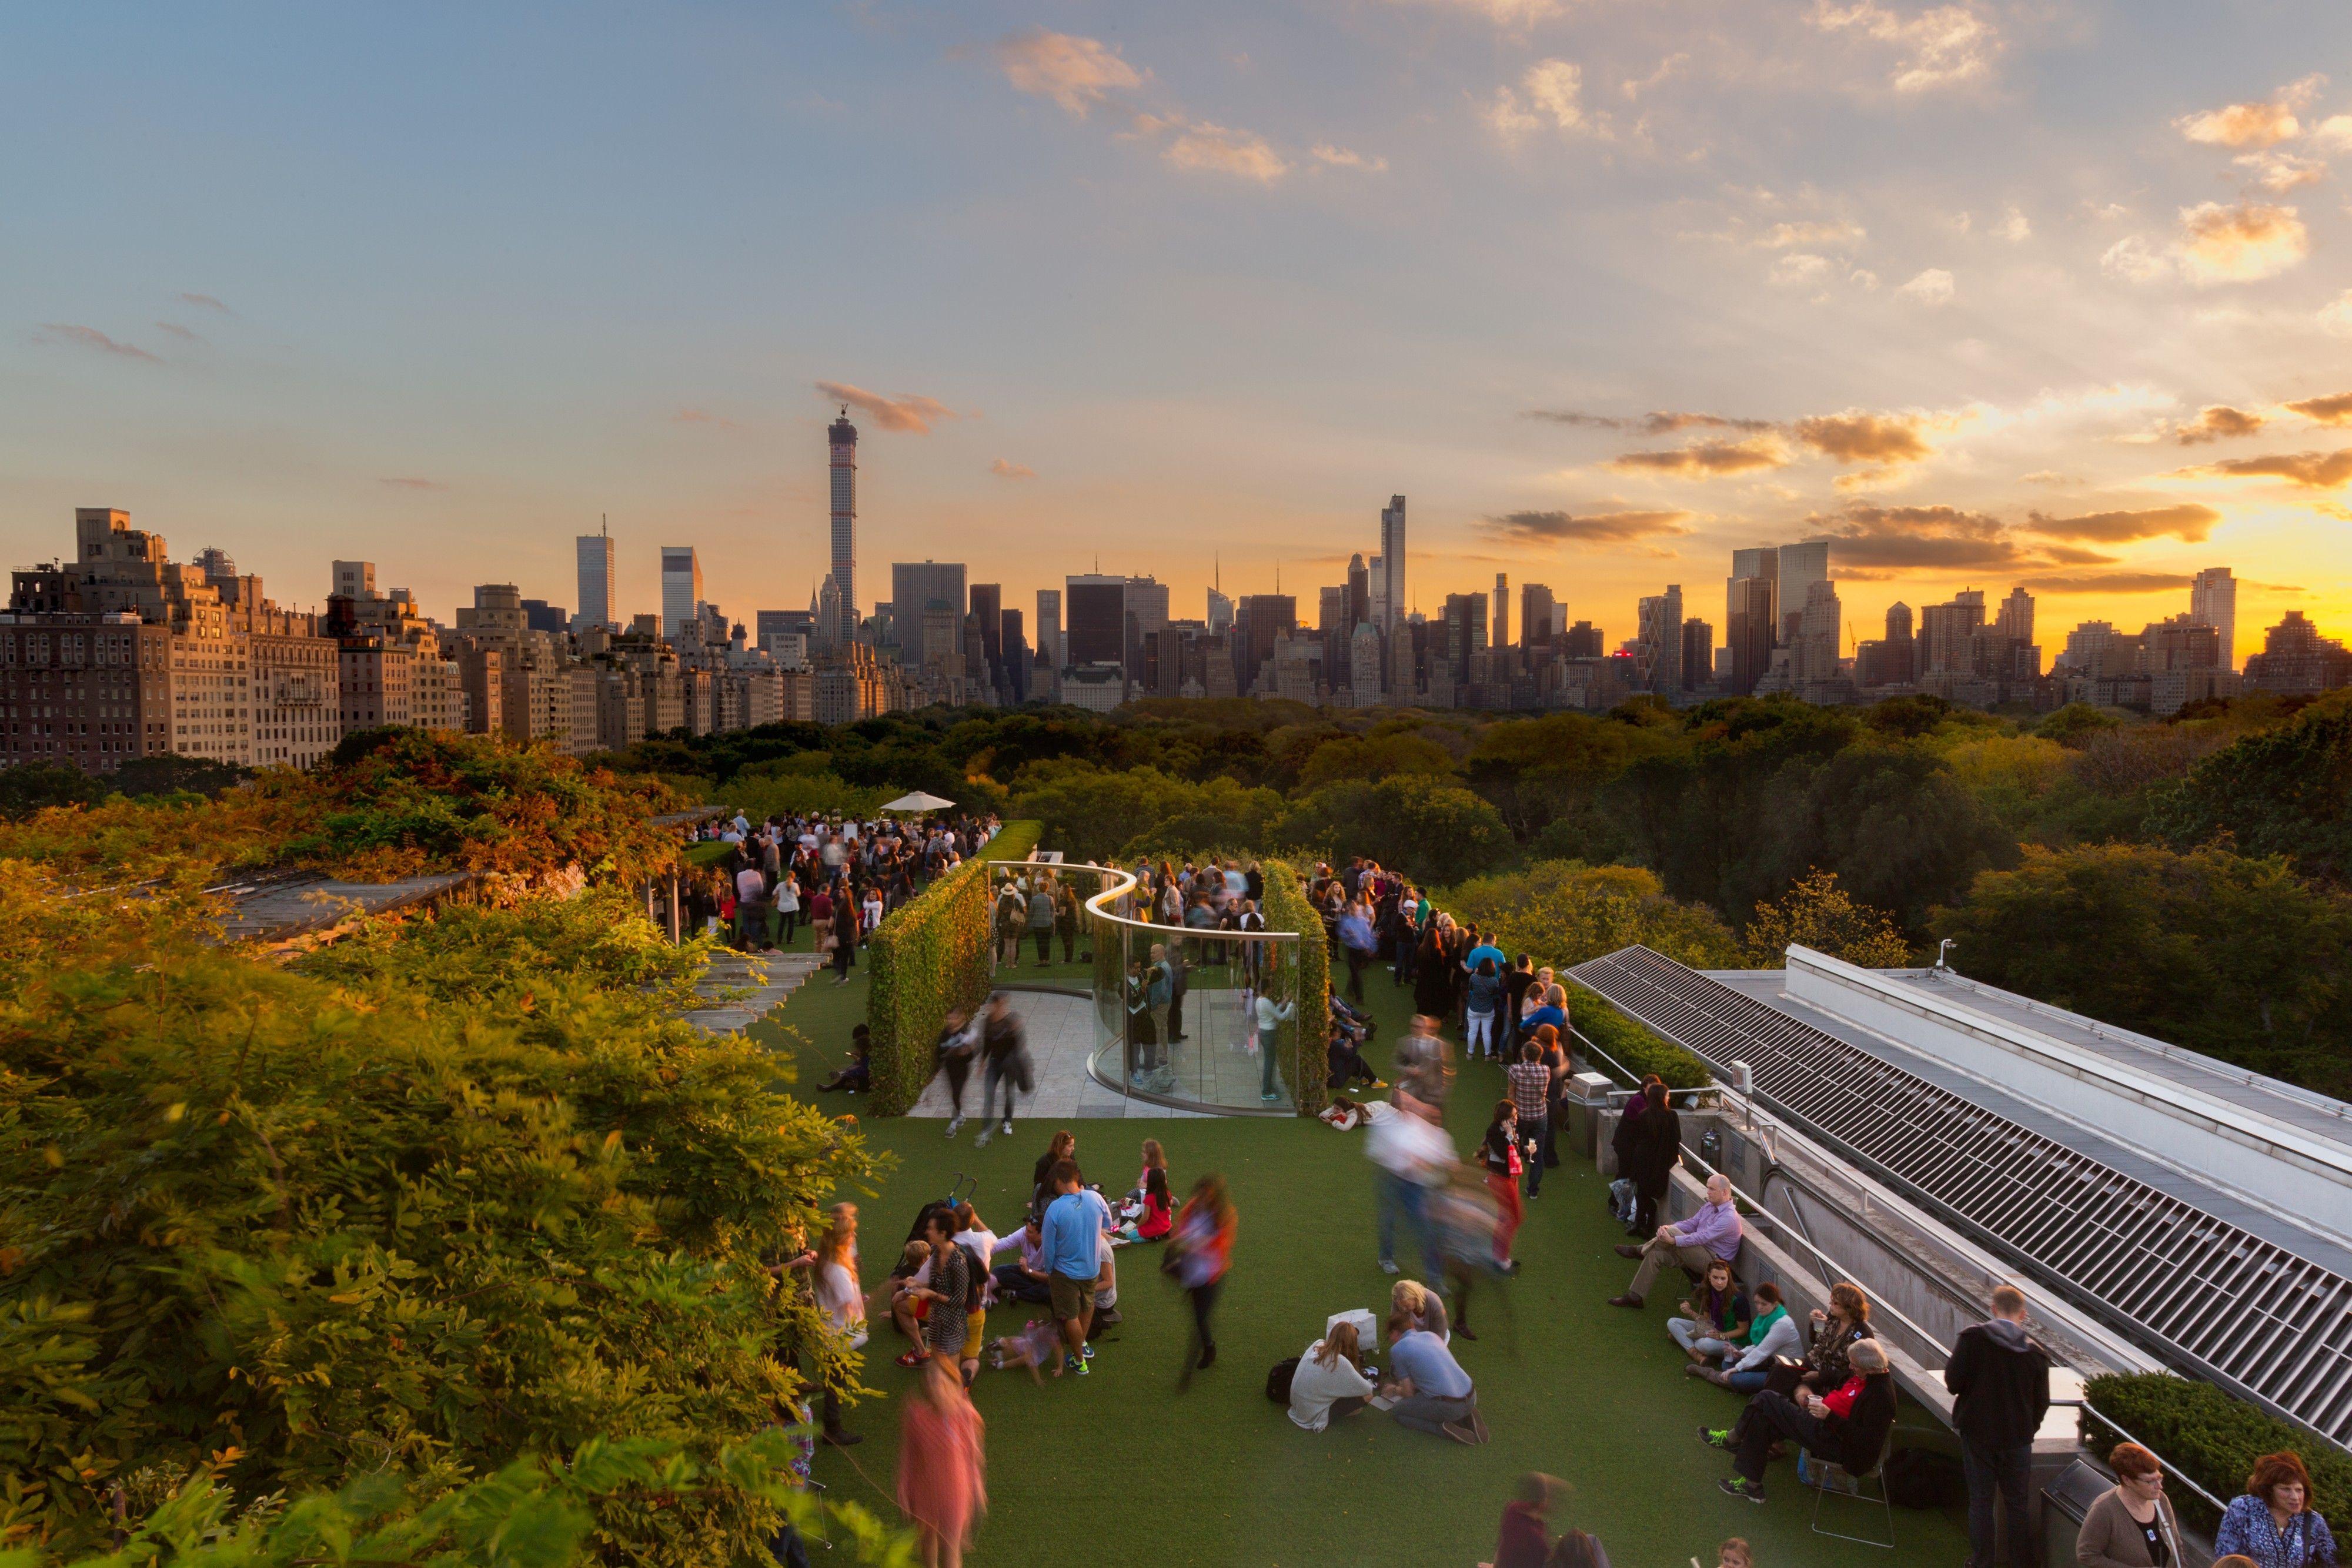 Metropolitan Museum of Art roof at sunset